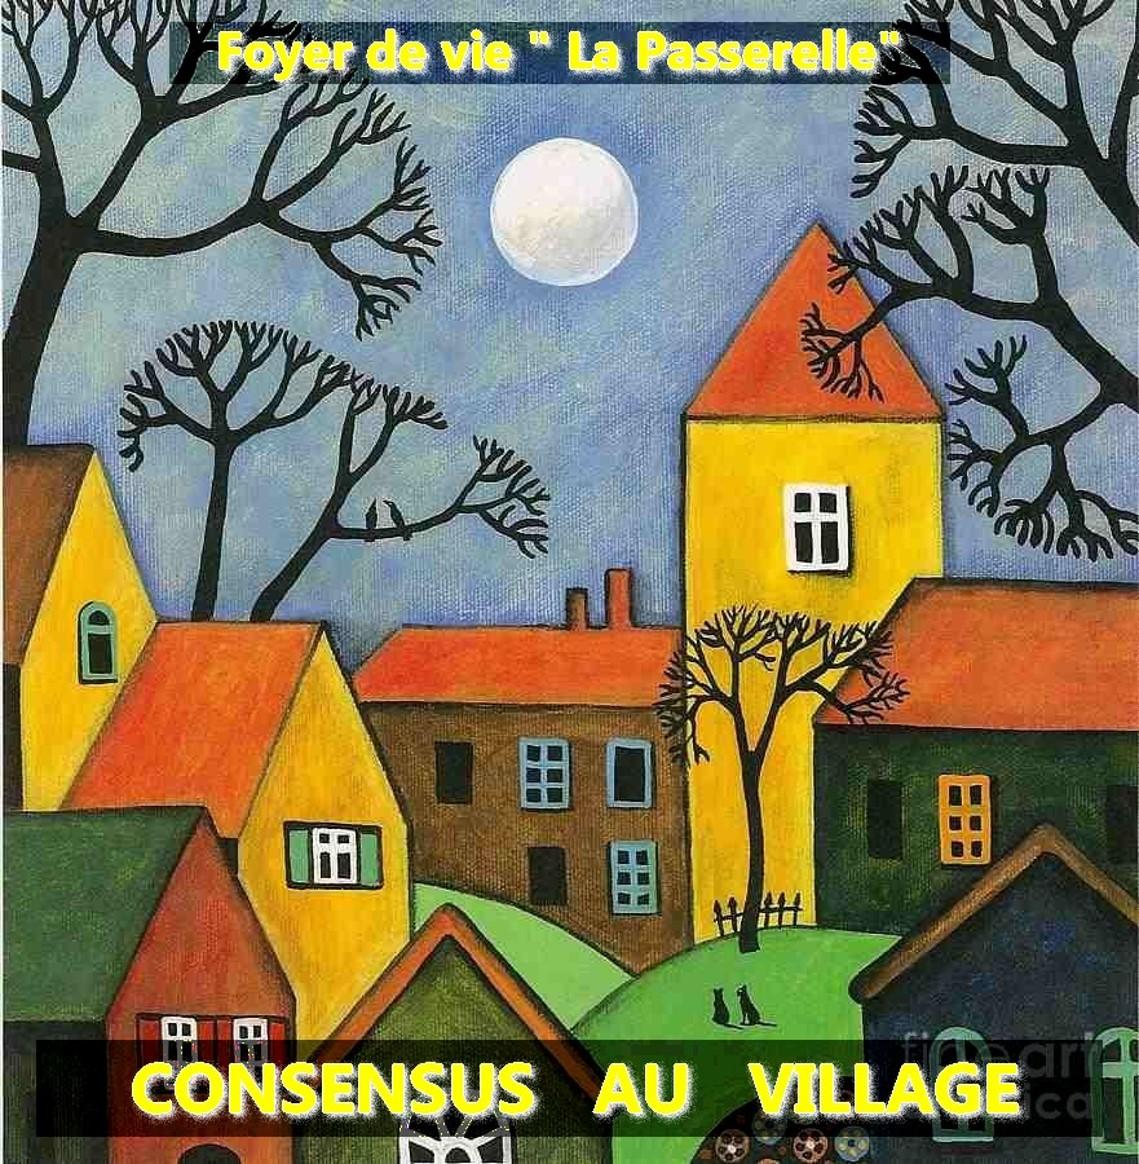 Consensus au village